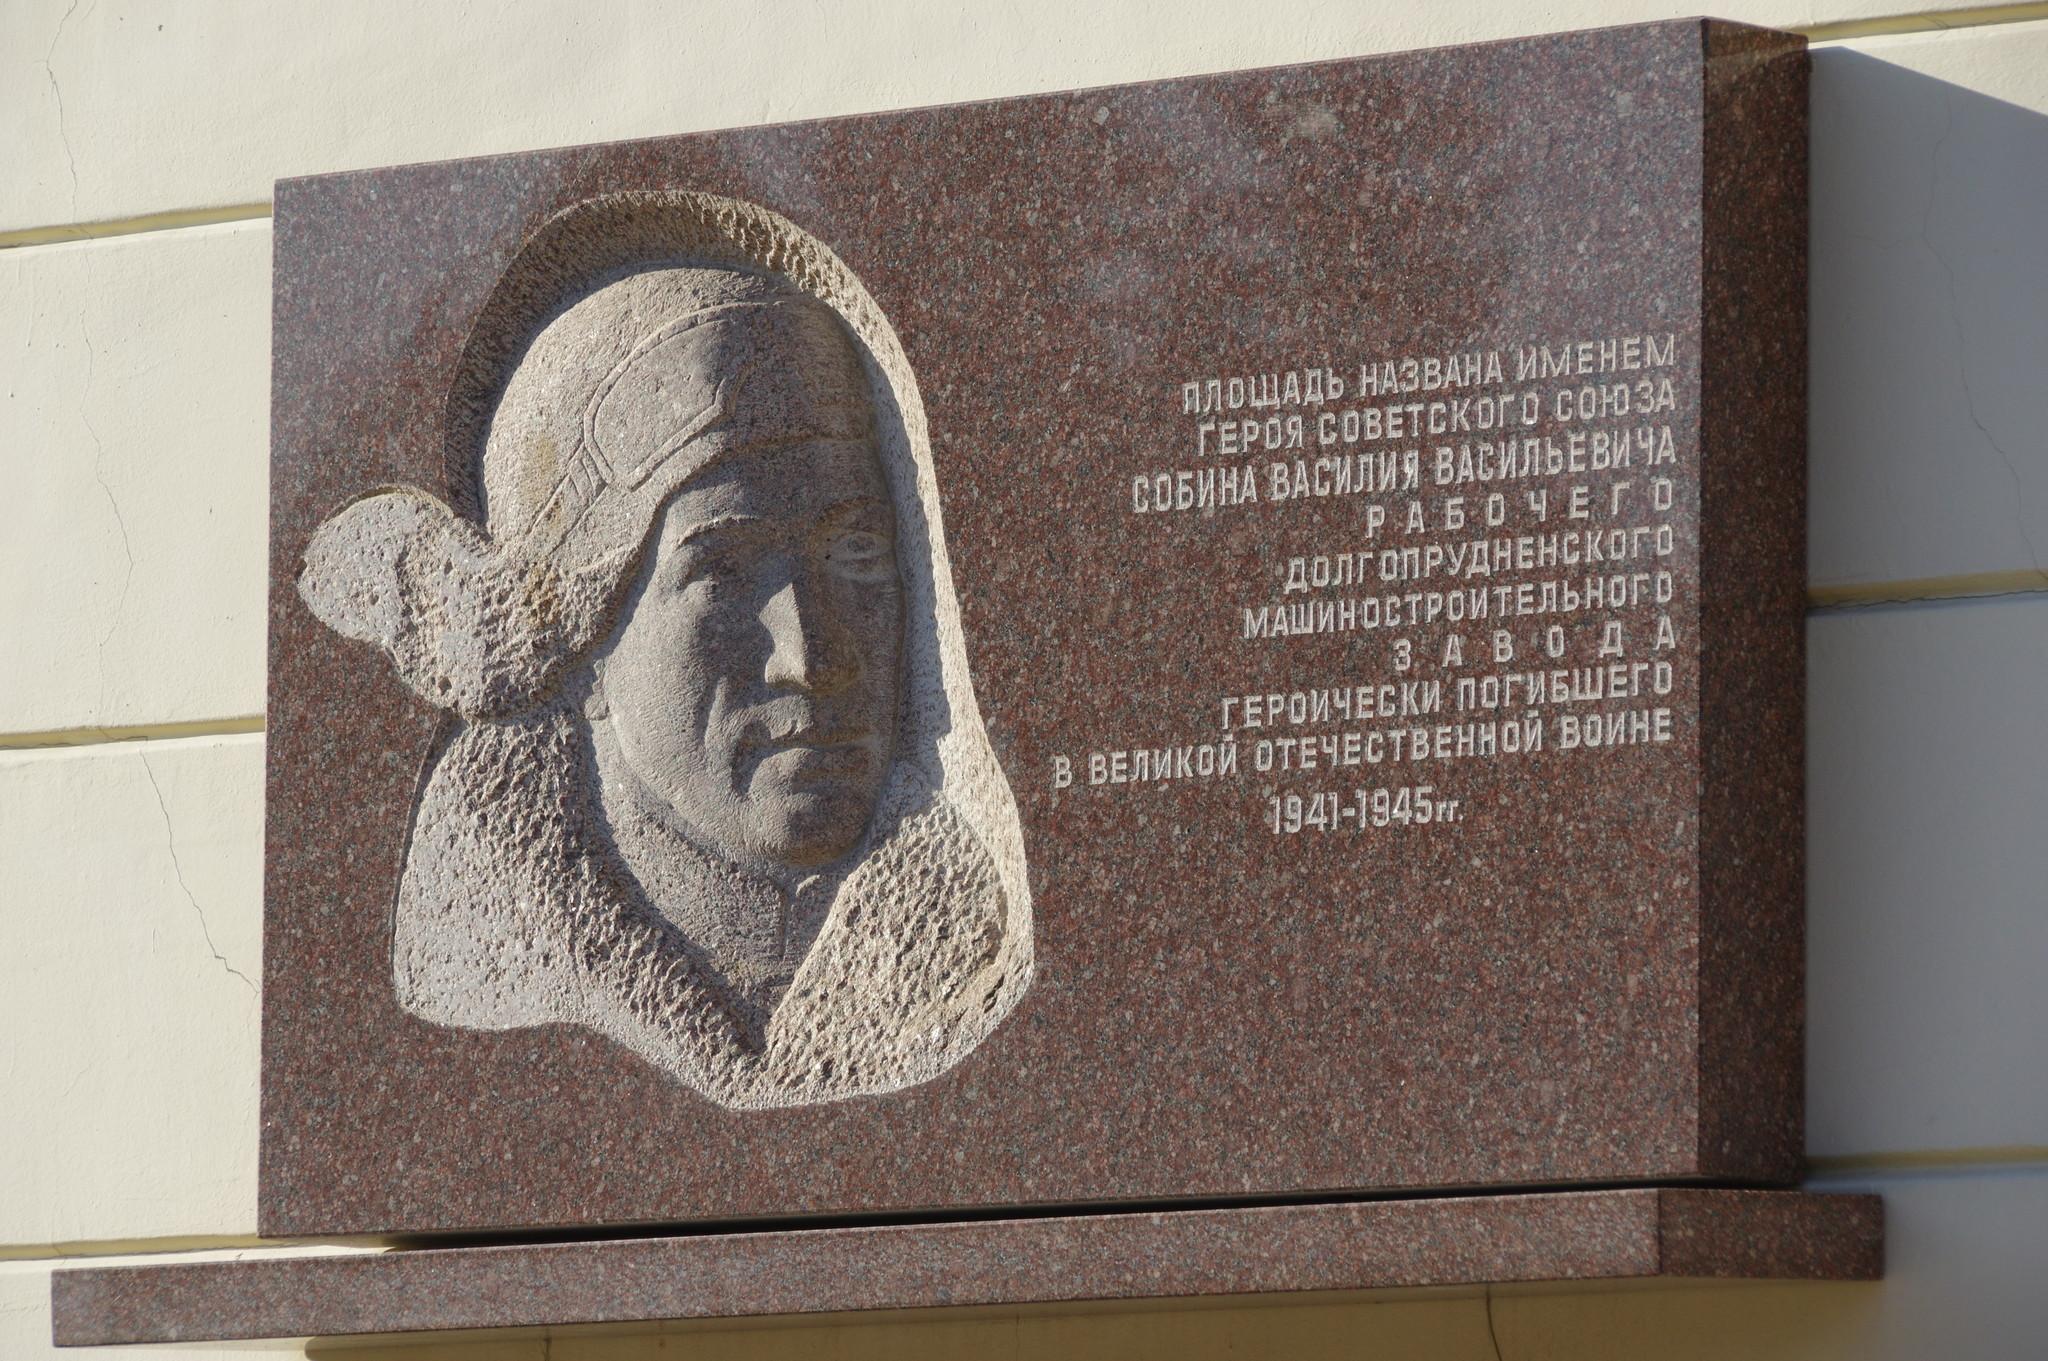 Мемориальная доска Герою Советского Союза Василию Васильевичу Собина на площади его имени в г. Долгопрудном Московской области